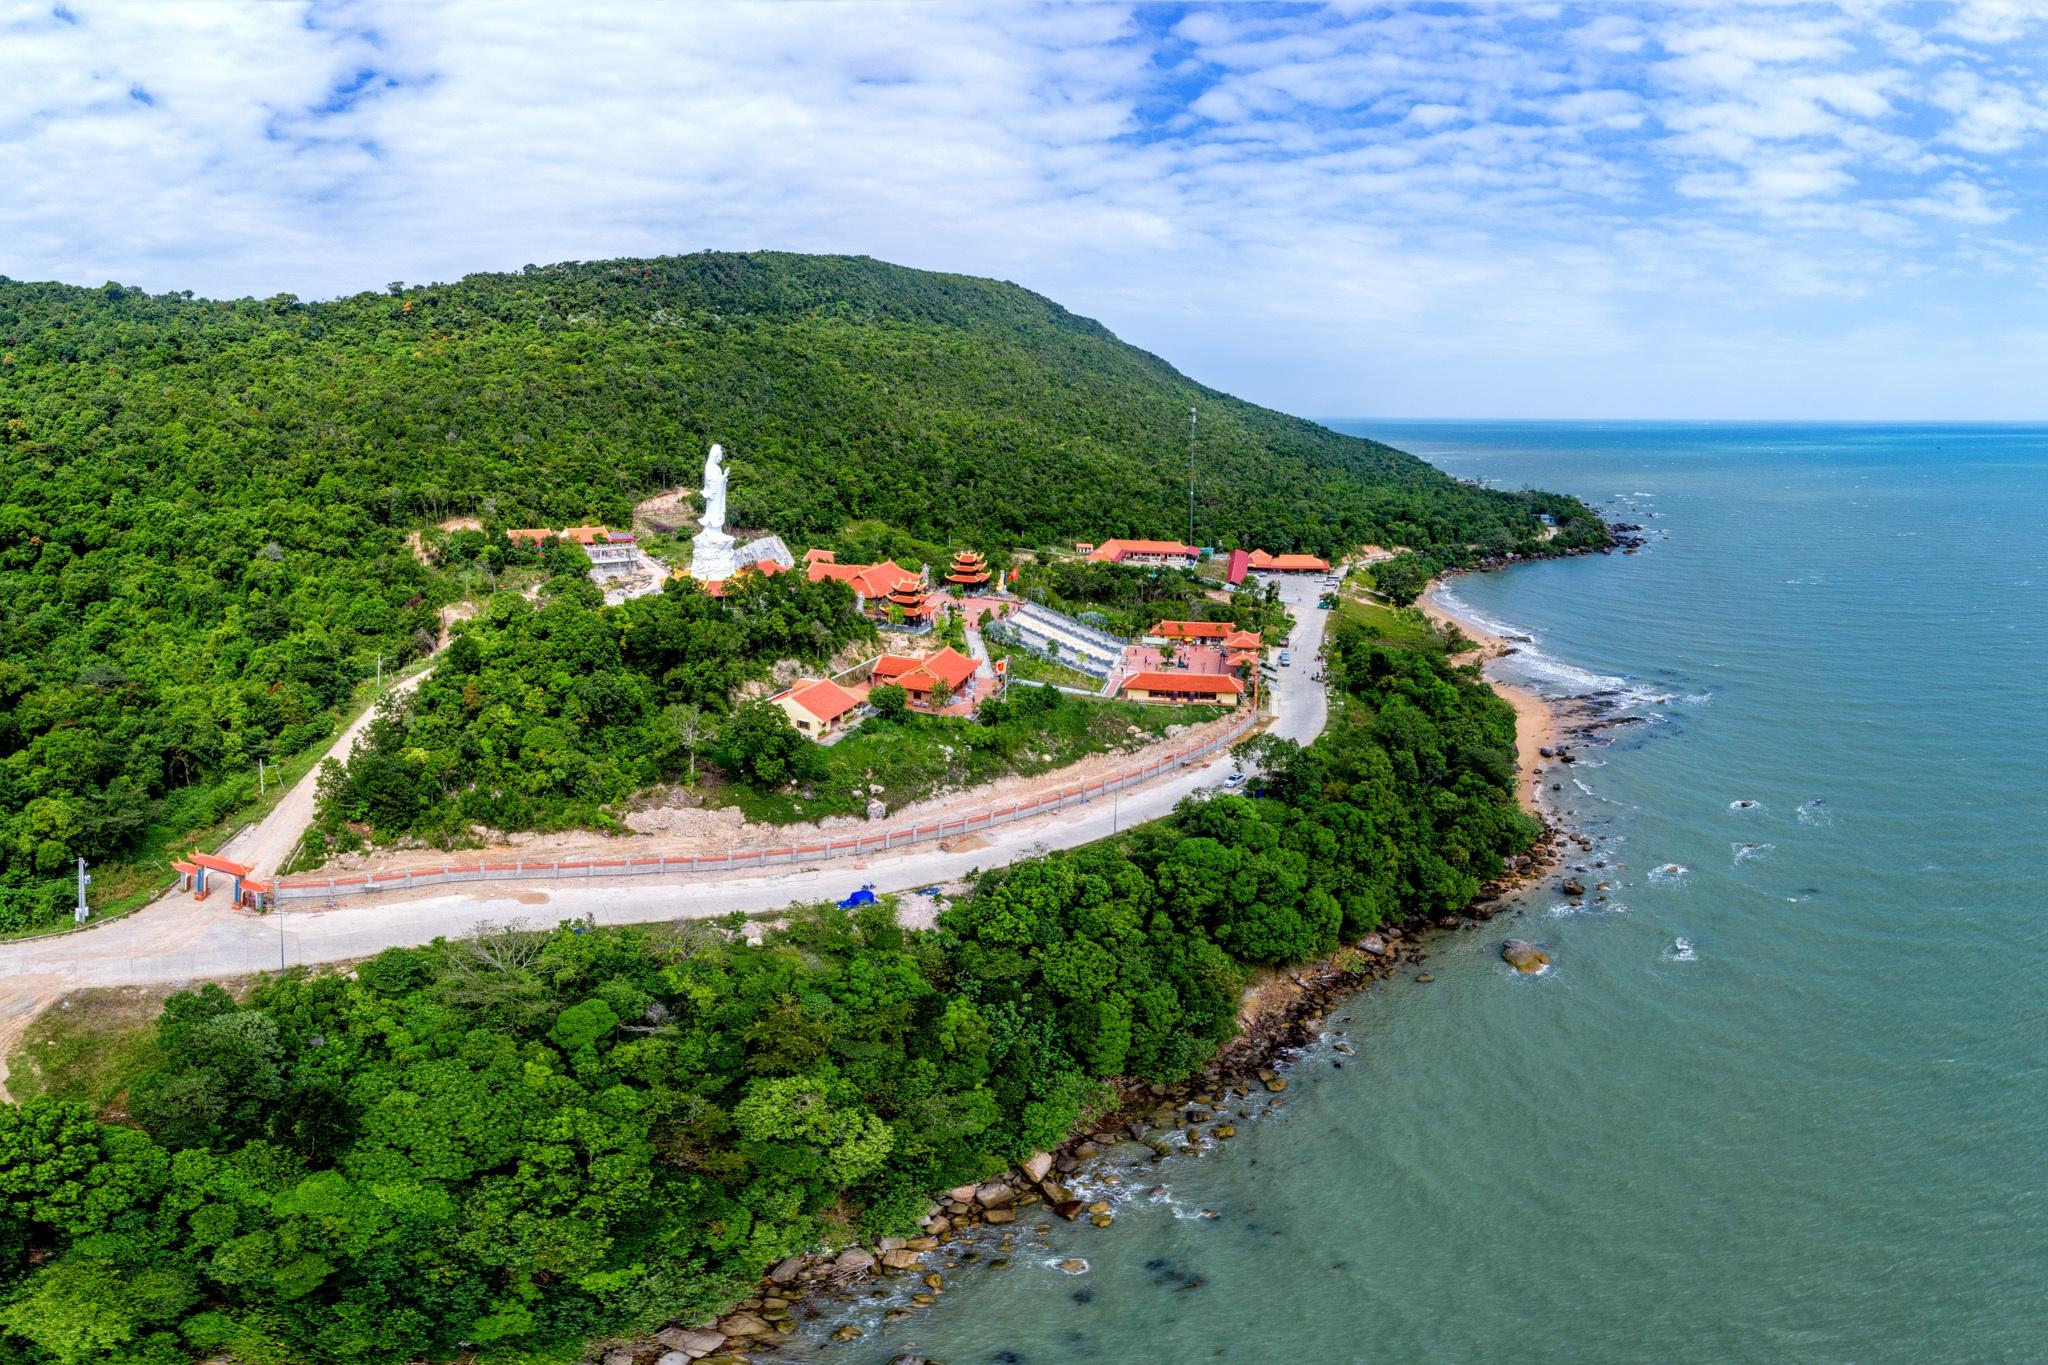 Chu du biển đảo Phú Quốc, ngắm vẻ đẹp giao hòa của tự nhiên - Ảnh 20.